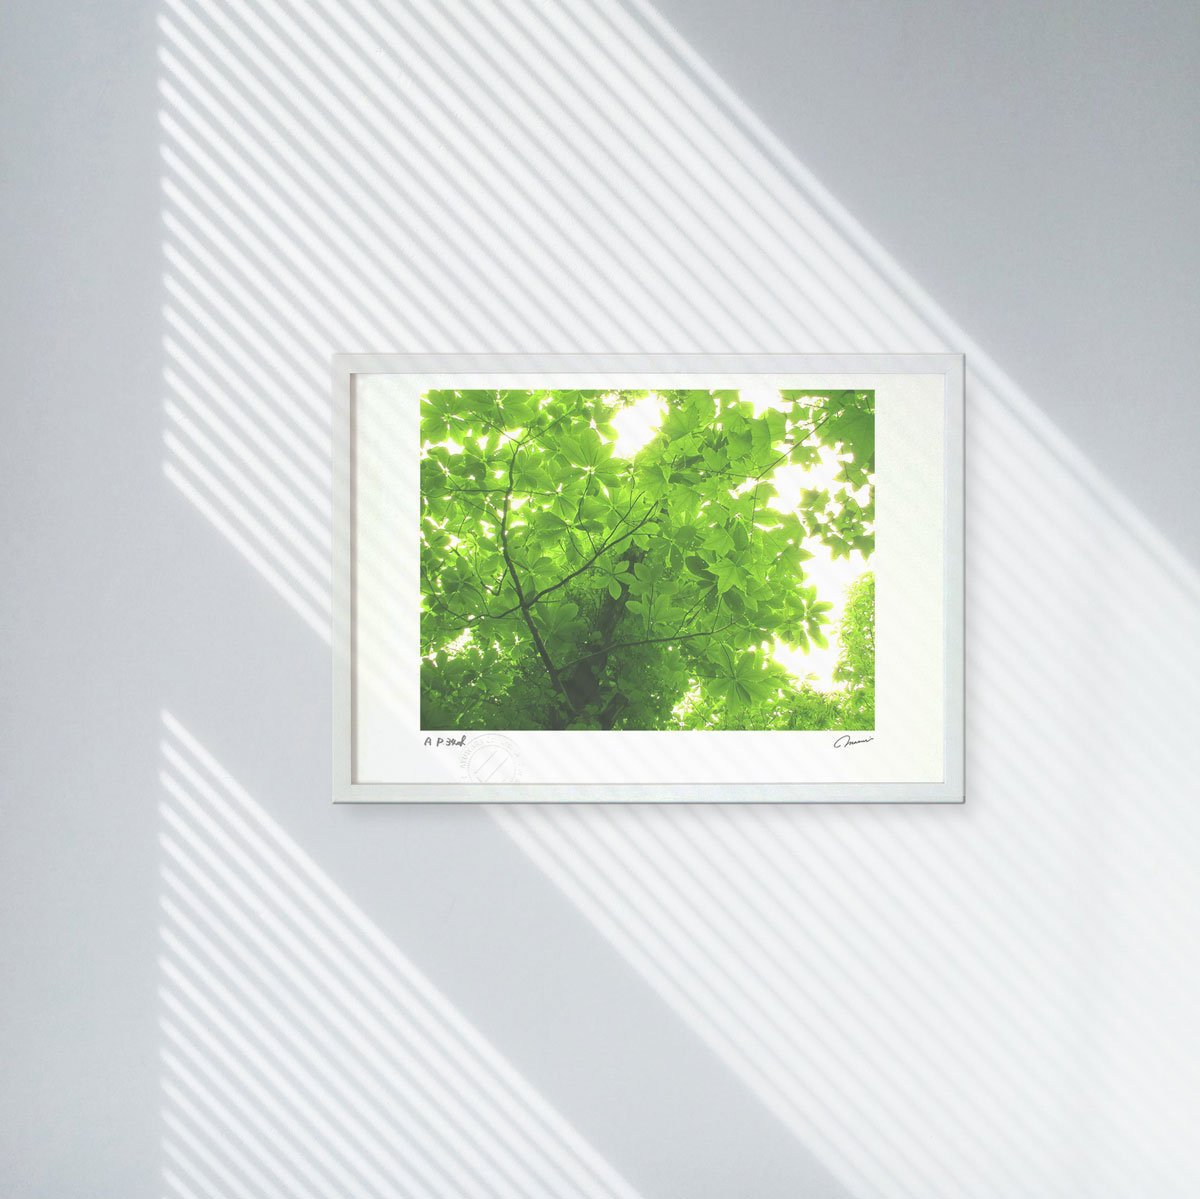 《アートフォト》世界遺産 白神山地 ブナの木の木漏れ日(レンタル対象)